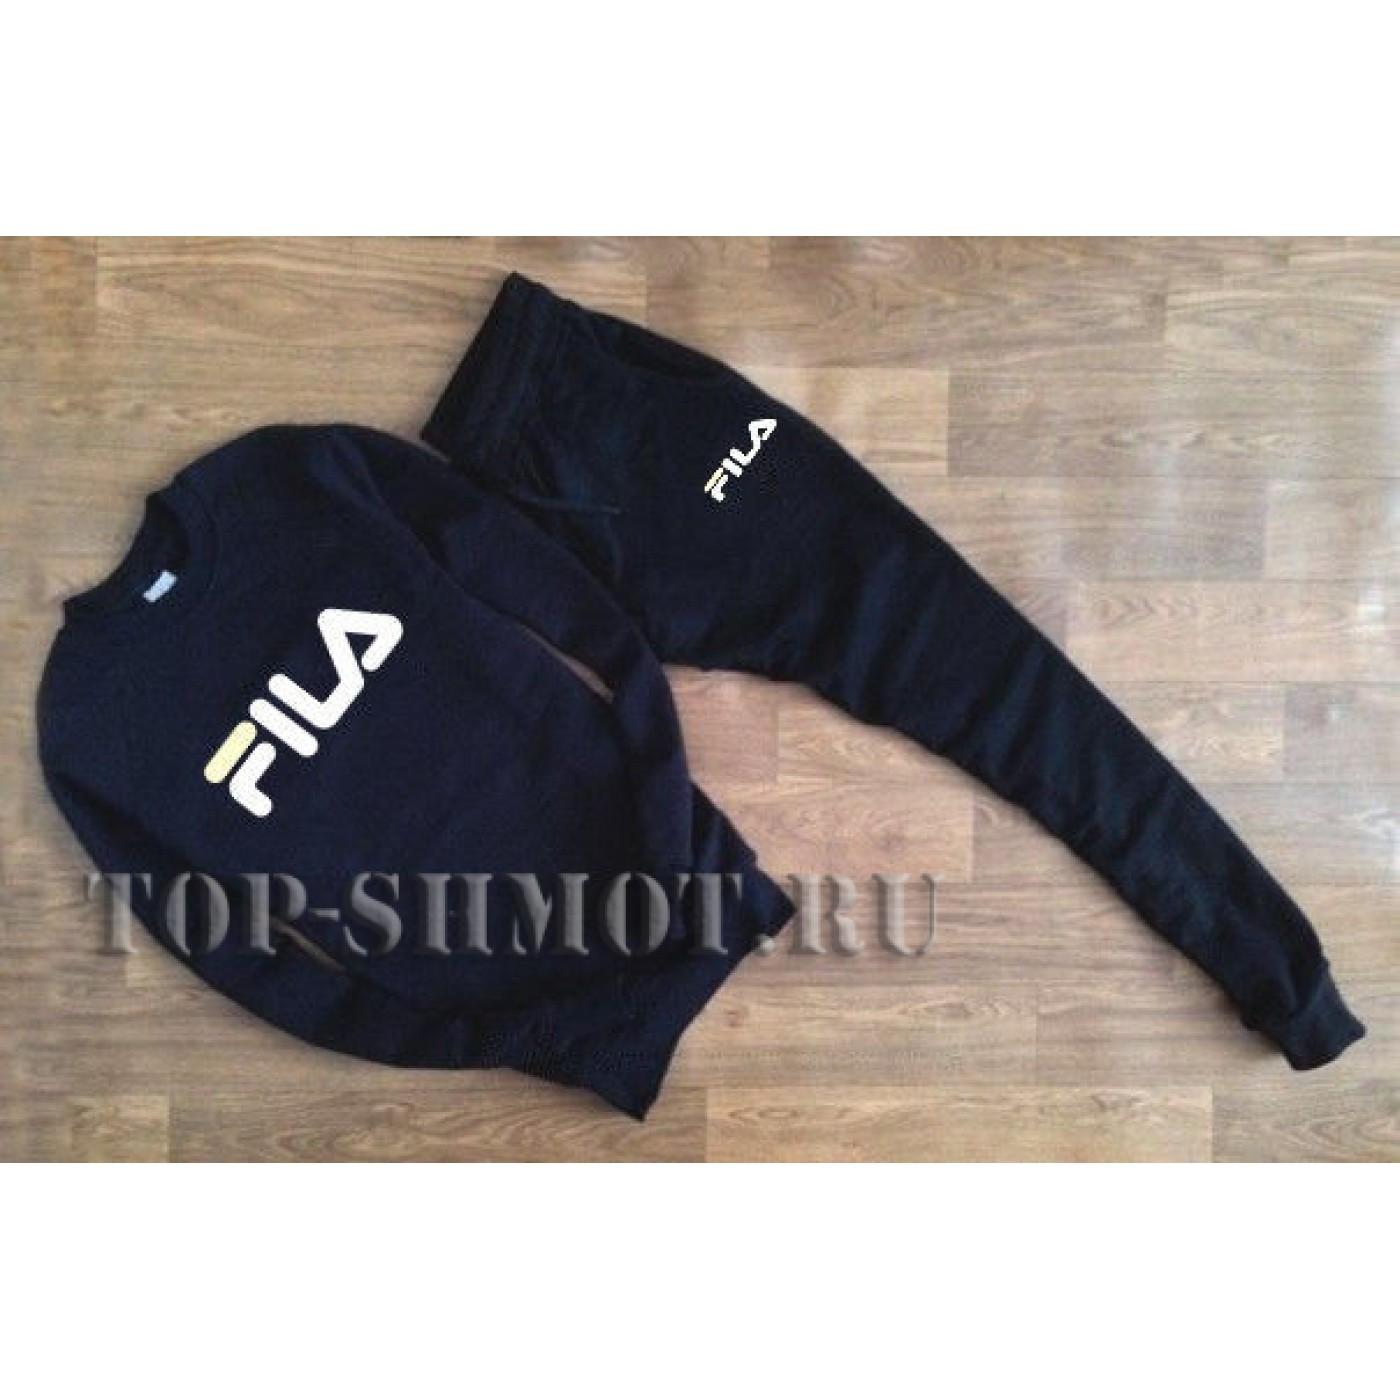 ea01ce4c Купить Черный спортивный костюм FILA (Белое лого)